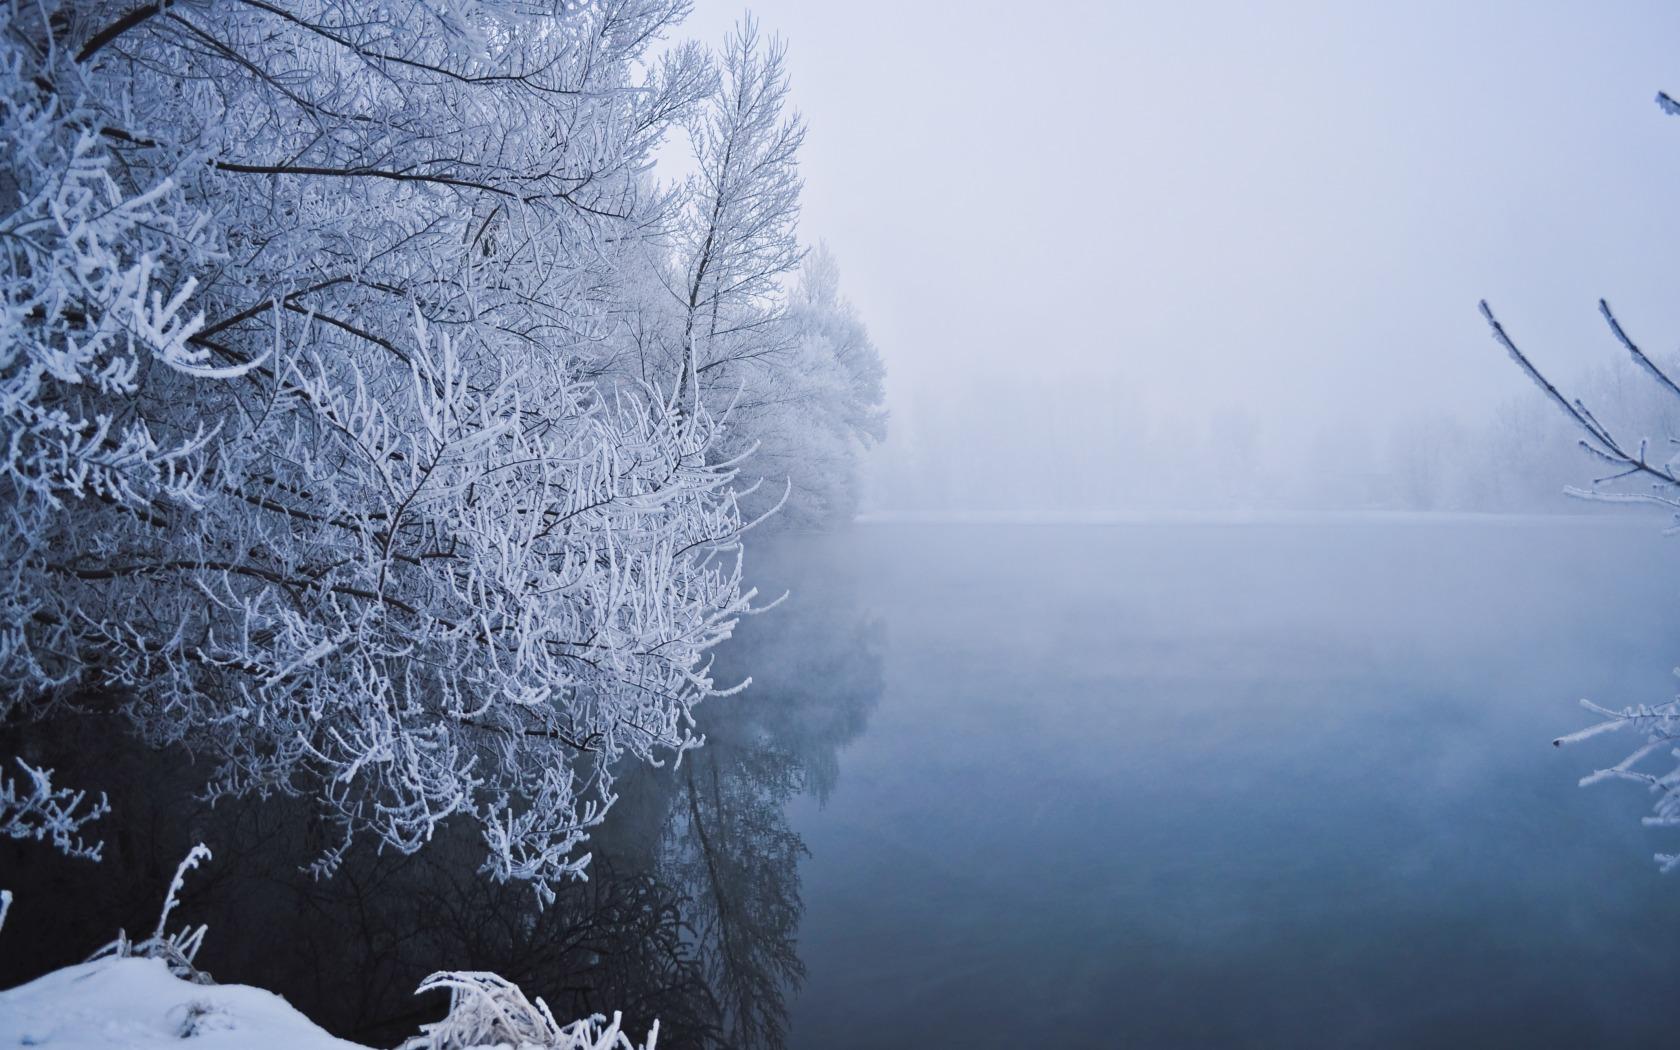 雪景图片壁纸 - 风景 - xyle的博客